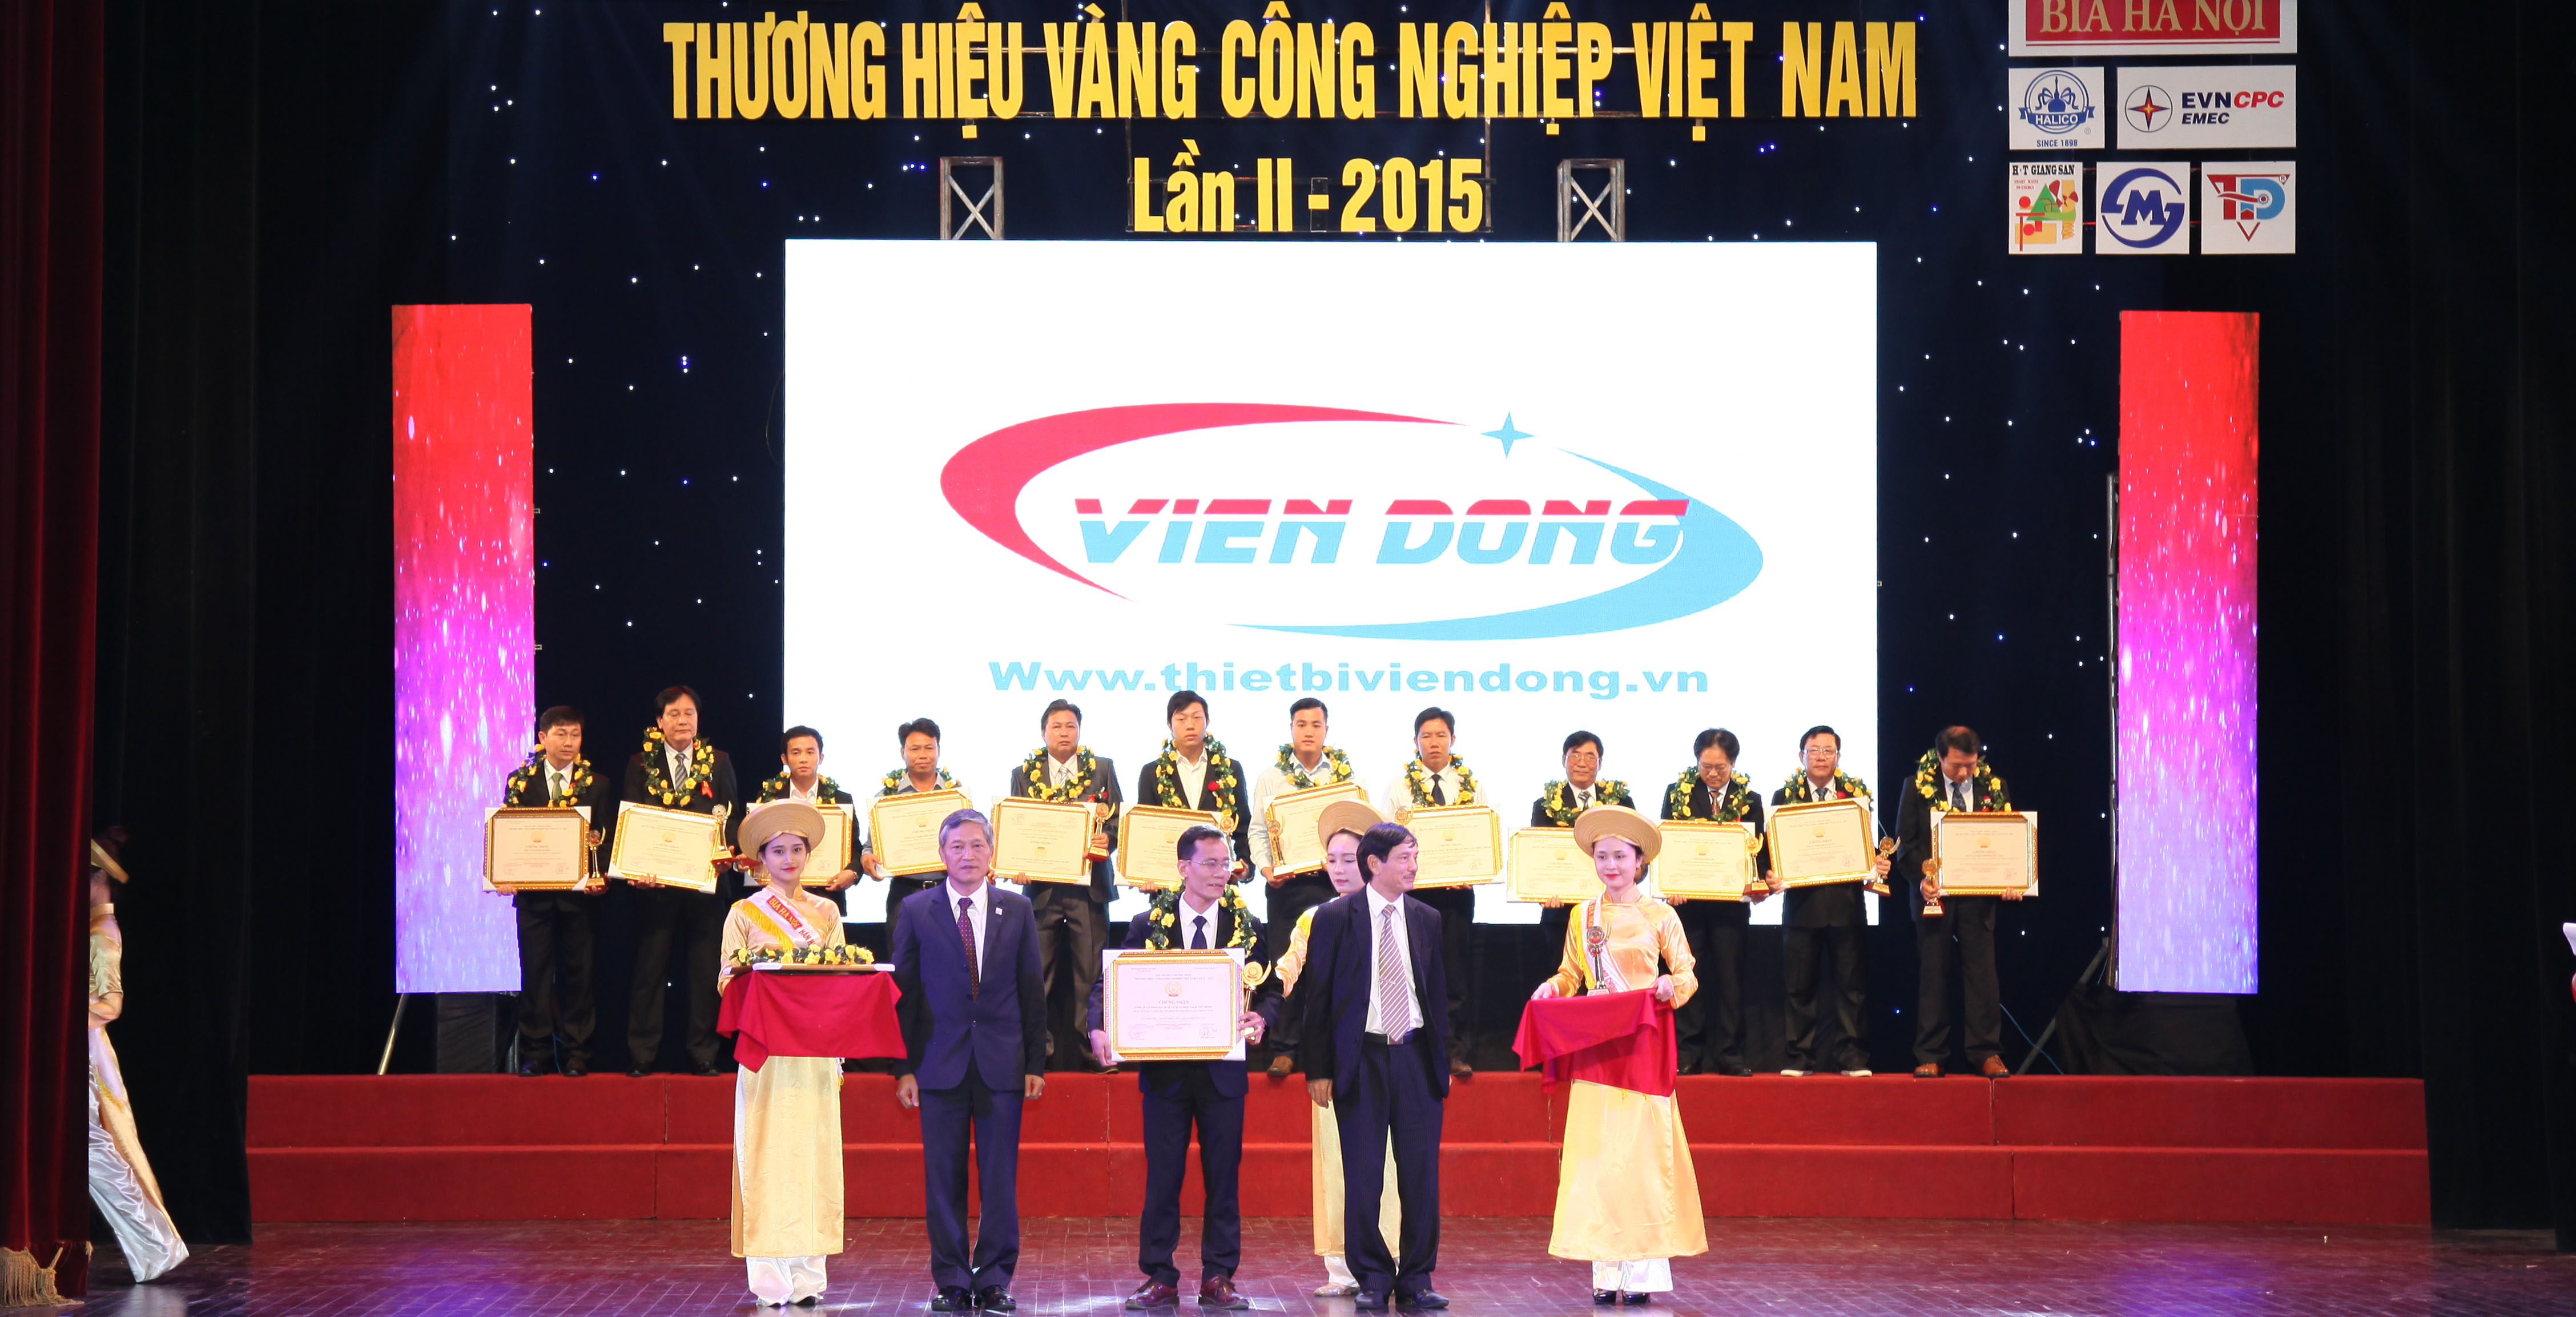 Viễn Đông - Thương hiệu Vàng công nghiệp Việt Nam